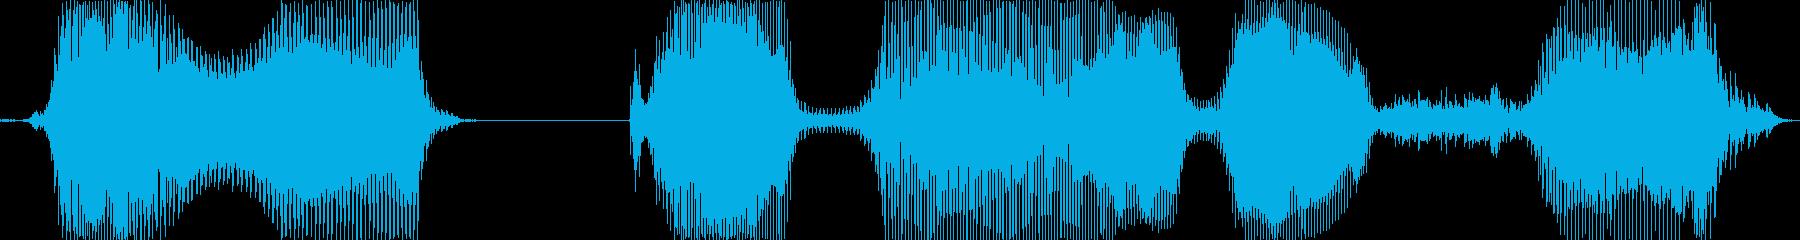 ビッグボーナス!の再生済みの波形